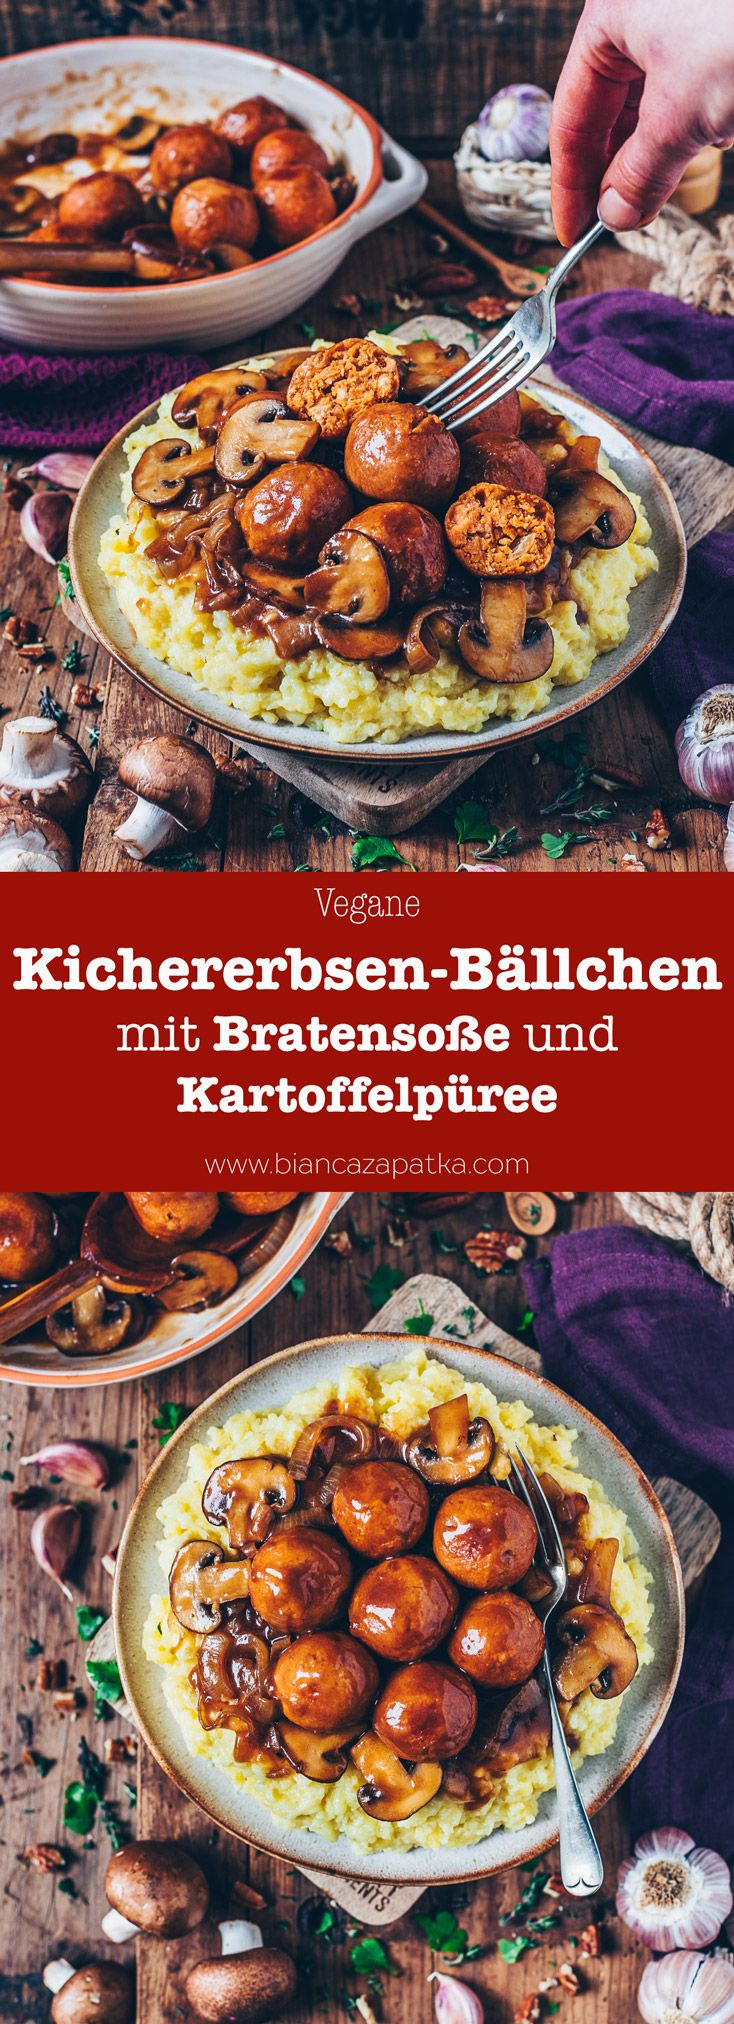 Vegane Kichererbsen-Bällchen mit Bratensoße und Kartoffelpüree #vejetaryentarifleri